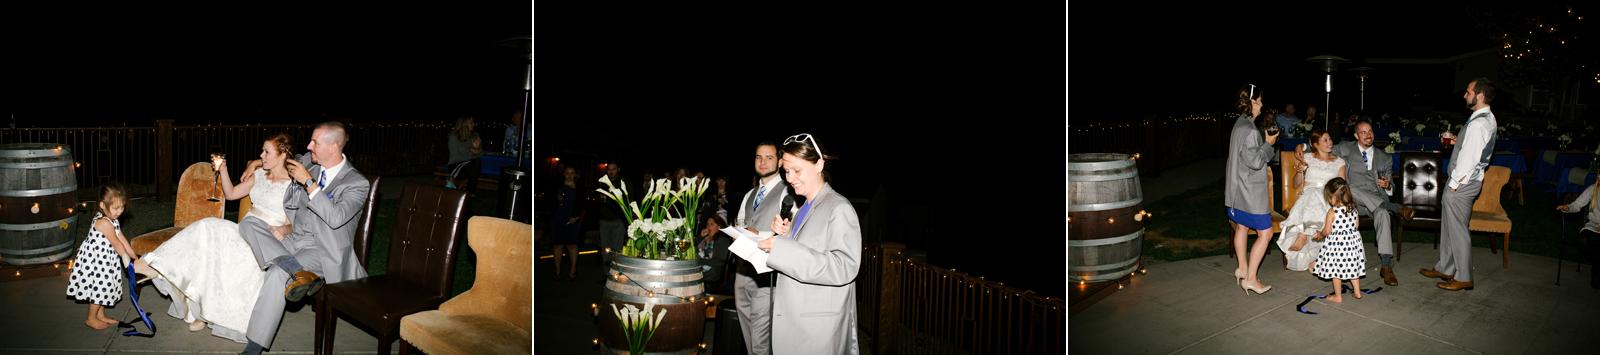 076-daronjackson-rich-wedding.jpg